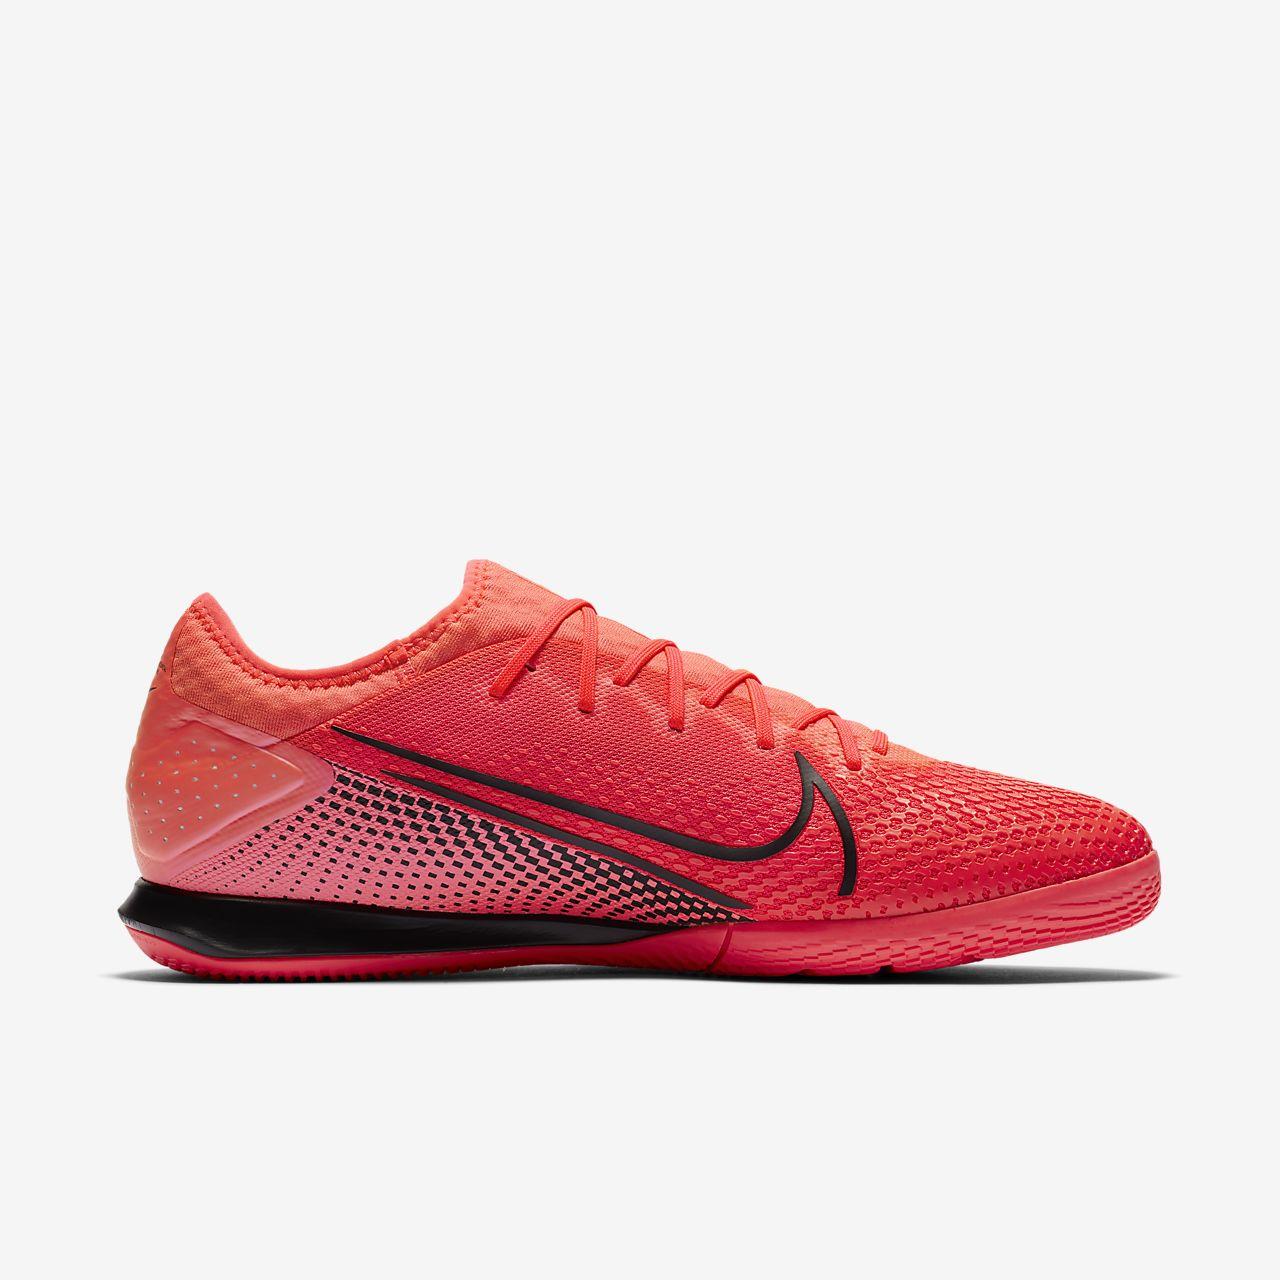 Nike Mercurial Vapor 13 Pro IC Fußballschuh für Hallen und Hartplätze